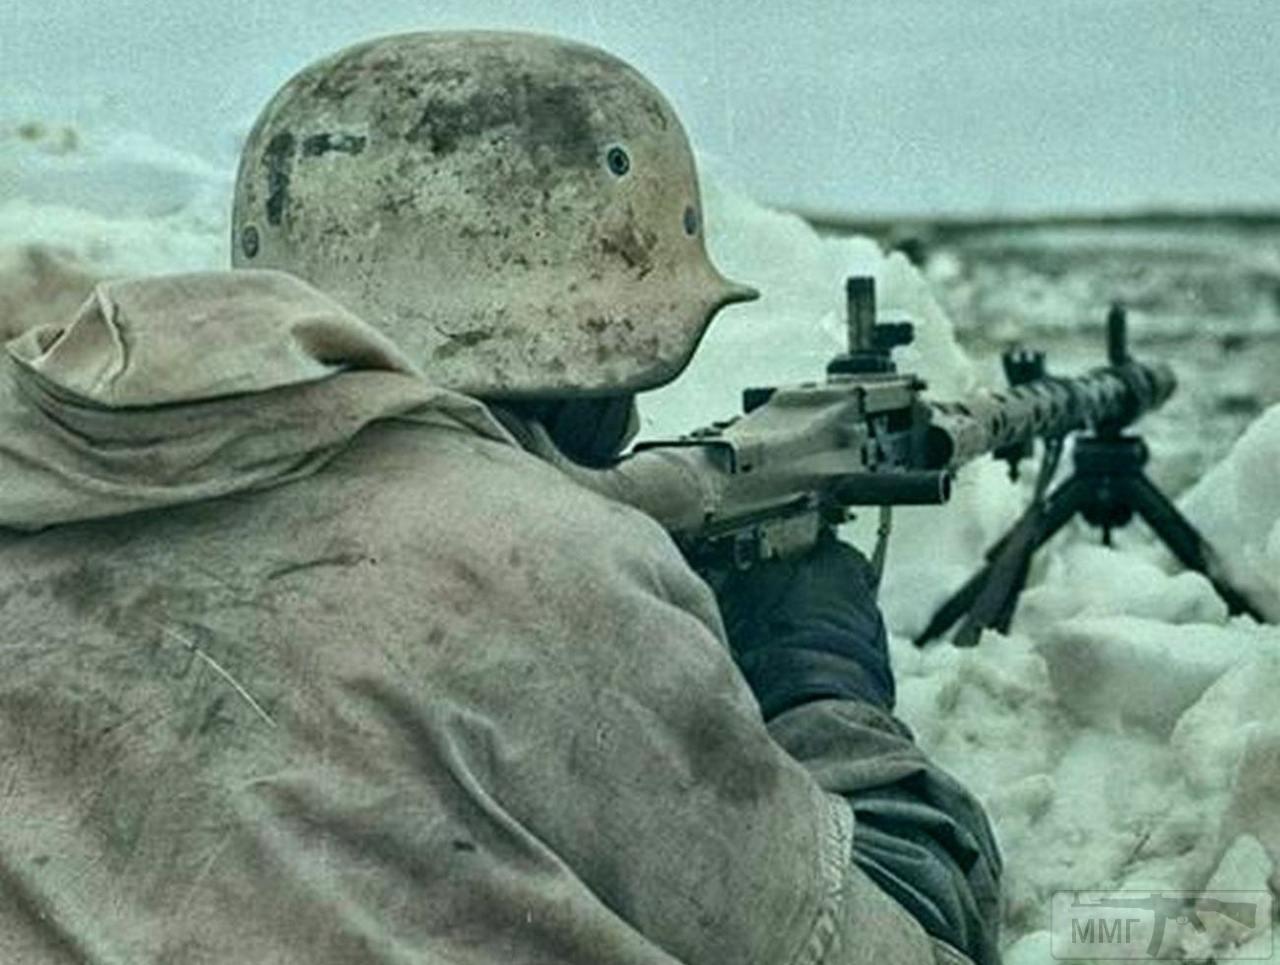 73257 - Все о пулемете MG-34 - история, модификации, клейма и т.д.